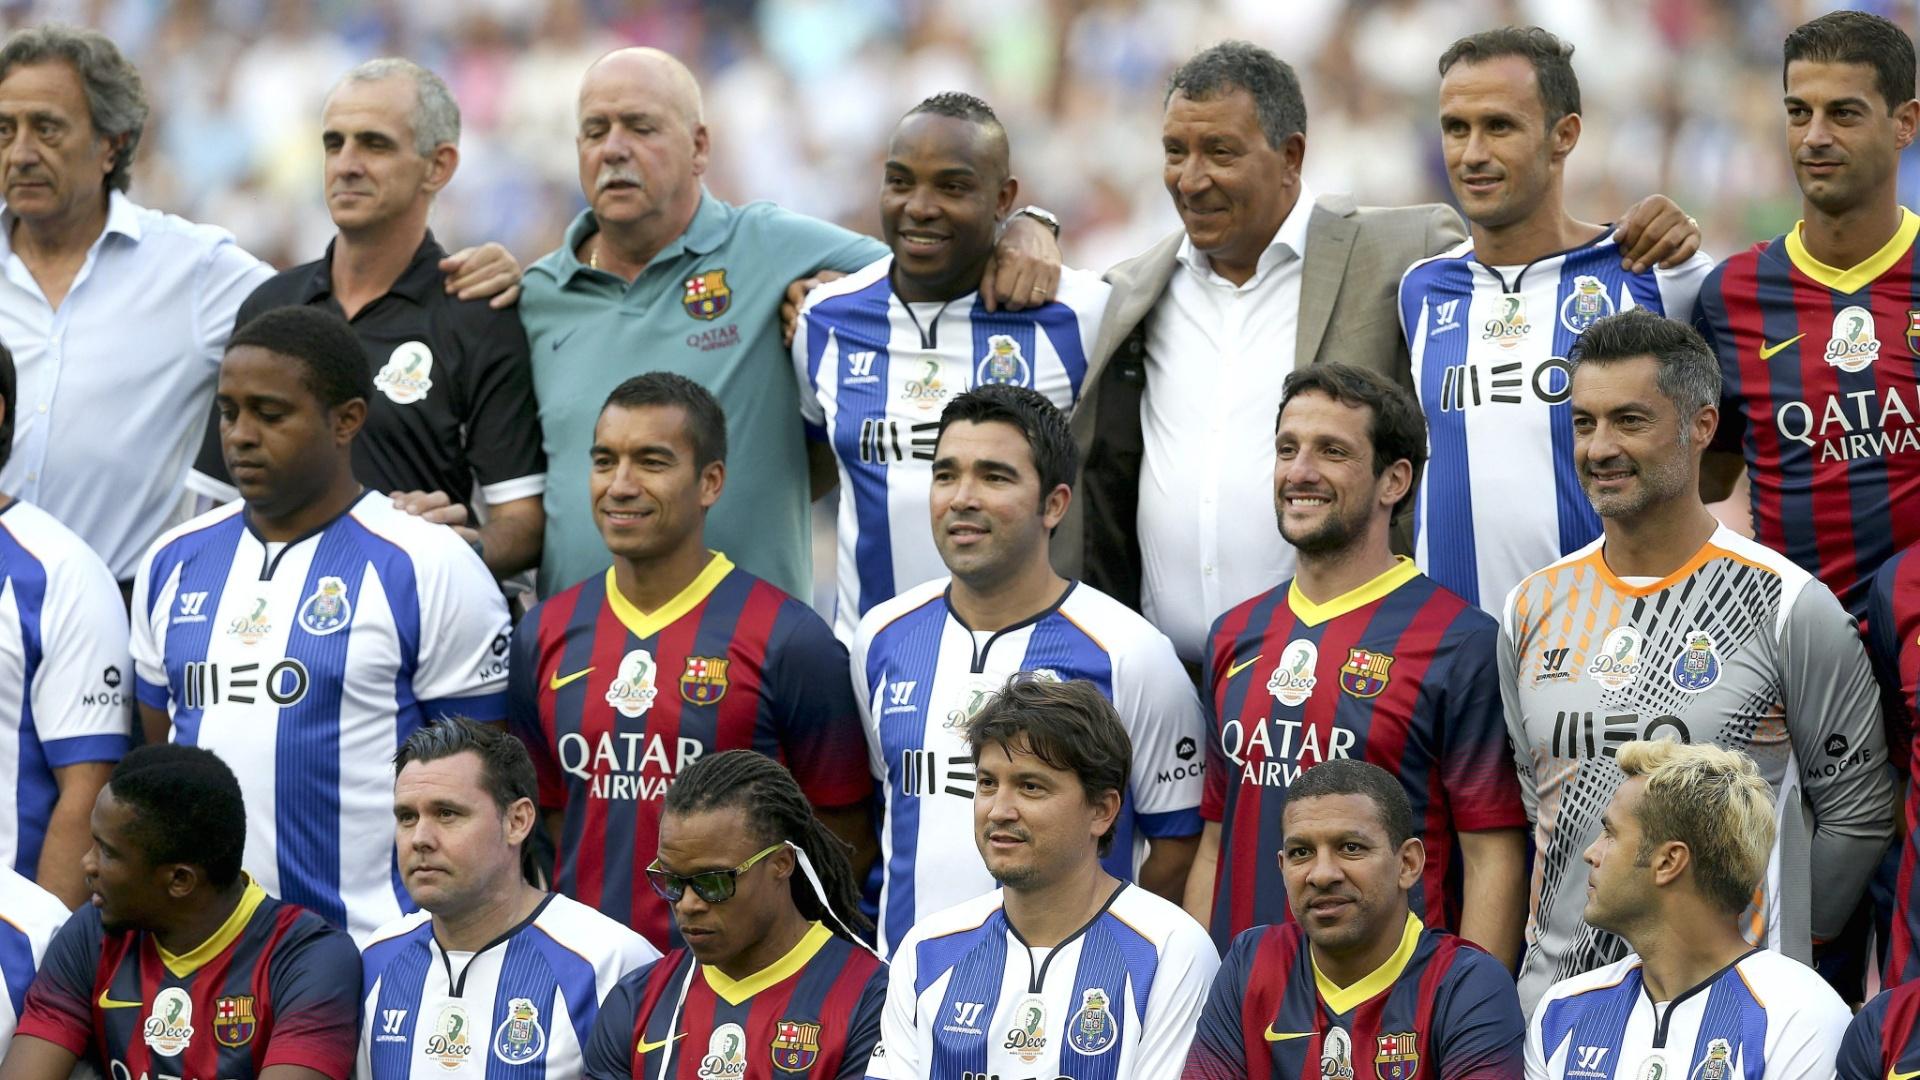 Jogadores do Porto de 2004 e do Barcelona de 2006 se reúnem para a partida em homenagem a Deco